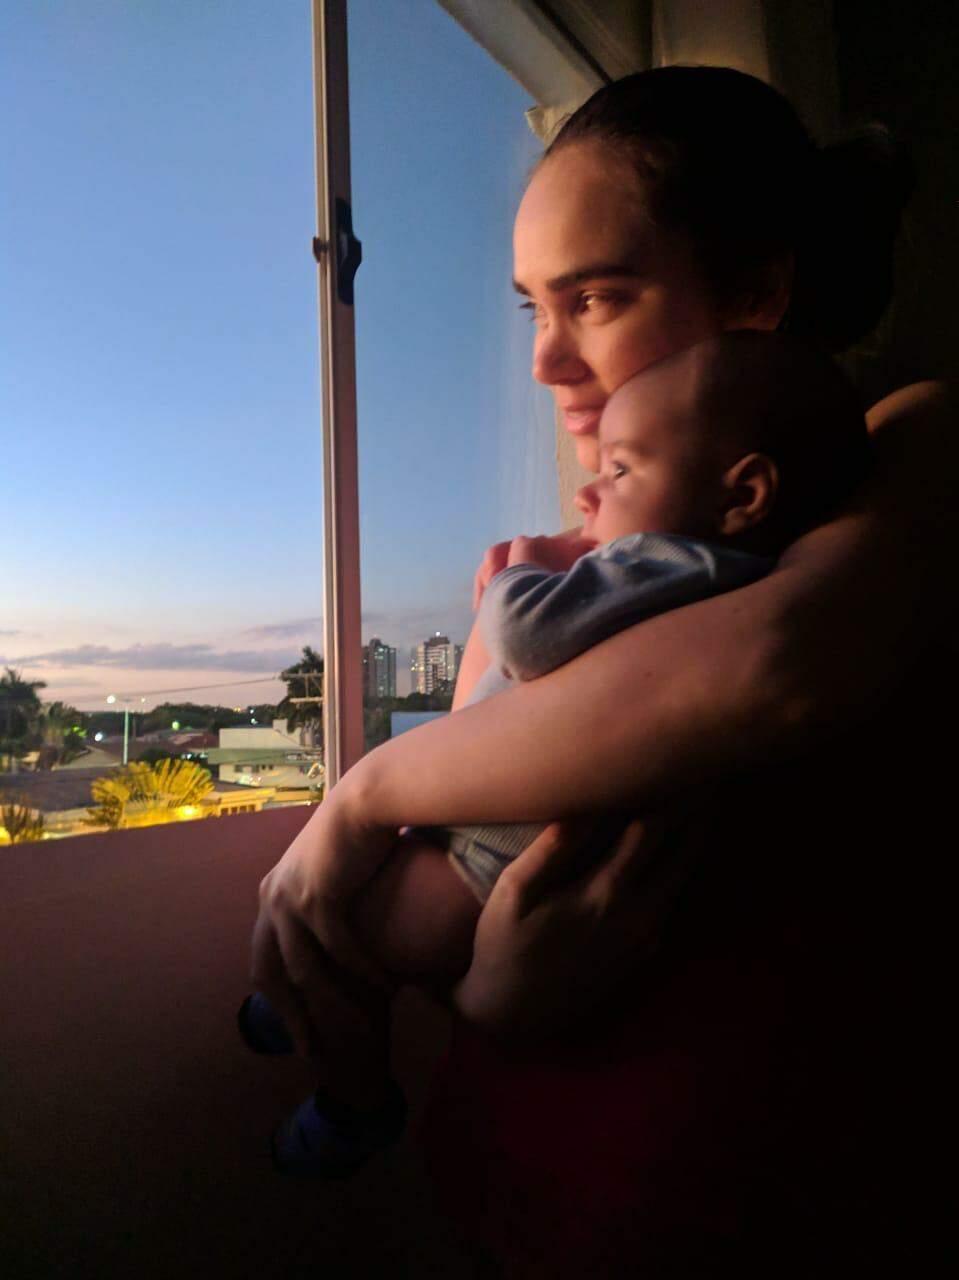 Aline Herrero e o filho Otto olhando a cidade pela janela. (Foto: Arquivo pessoal)